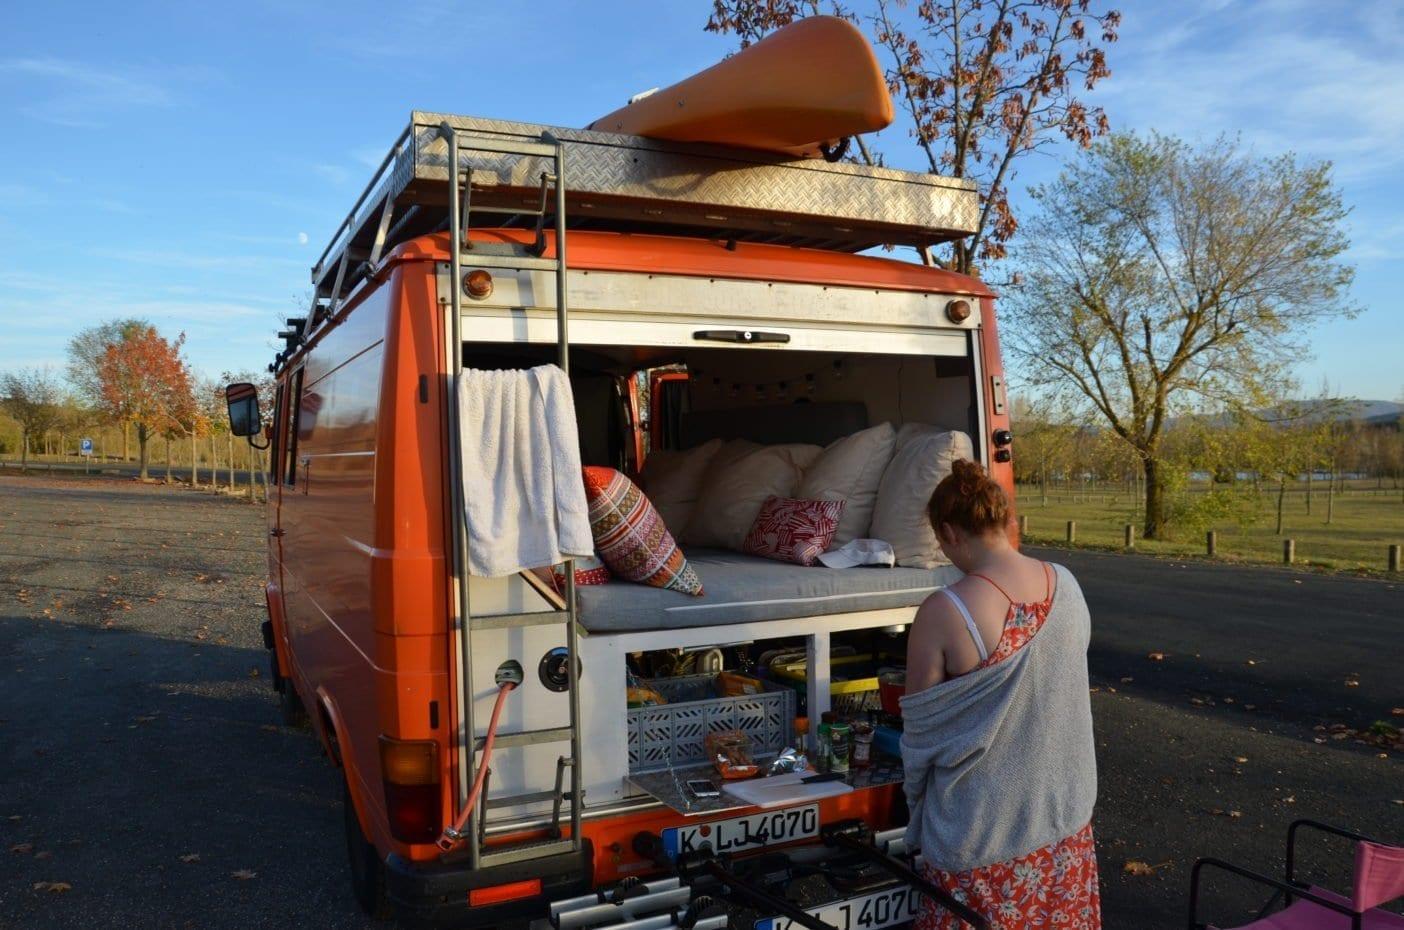 Mercedes-407d-camper-düdo-leergewicht-wohnmobil-heckklappe-rollo-kochen-im freien-wildcanpen